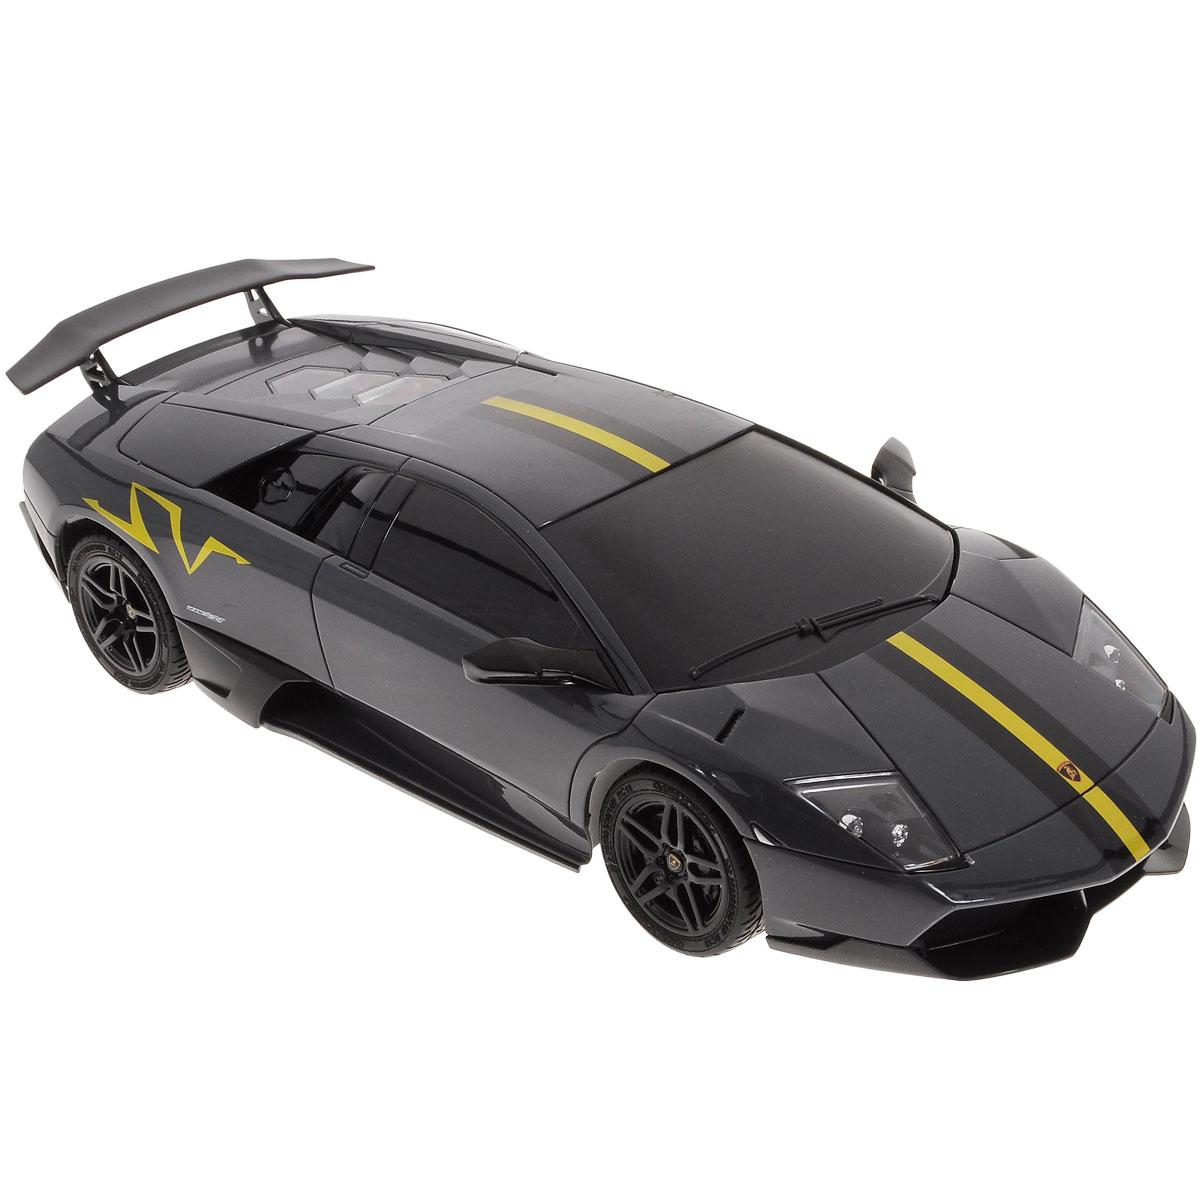 1Toy Радиоуправляемая модель Top Gear: Lamborghini Murcielago LP670-4, цвет: черныйТ56680Радиоуправляемая модель Top Gear: Lamborghini Murcielago LP670-4 является детальной копией существующего автомобиля в масштабе 1:18. Машинка изготовлена из прочного легкого пластика с элементами металла, колеса прорезинены. При помощи пульта управления автомобиль может перемещаться вперед, назад, поворачивать влево и вправо, останавливаться. Встроенные амортизаторы обеспечивают комфортное движение. При движении фары машинки светятся. В комплект входят машинка и пульт управления. Автомобиль отличается потрясающей маневренностью и динамикой. Ваш ребенок часами будет играть с моделью, устраивая захватывающие гонки. Машина работает от 4 батареек напряжением 1,5V типа АА (не входят в комплект). Пульт управления работает от 2 батареек напряжением 1,5V типа АА (не входят в комплект).